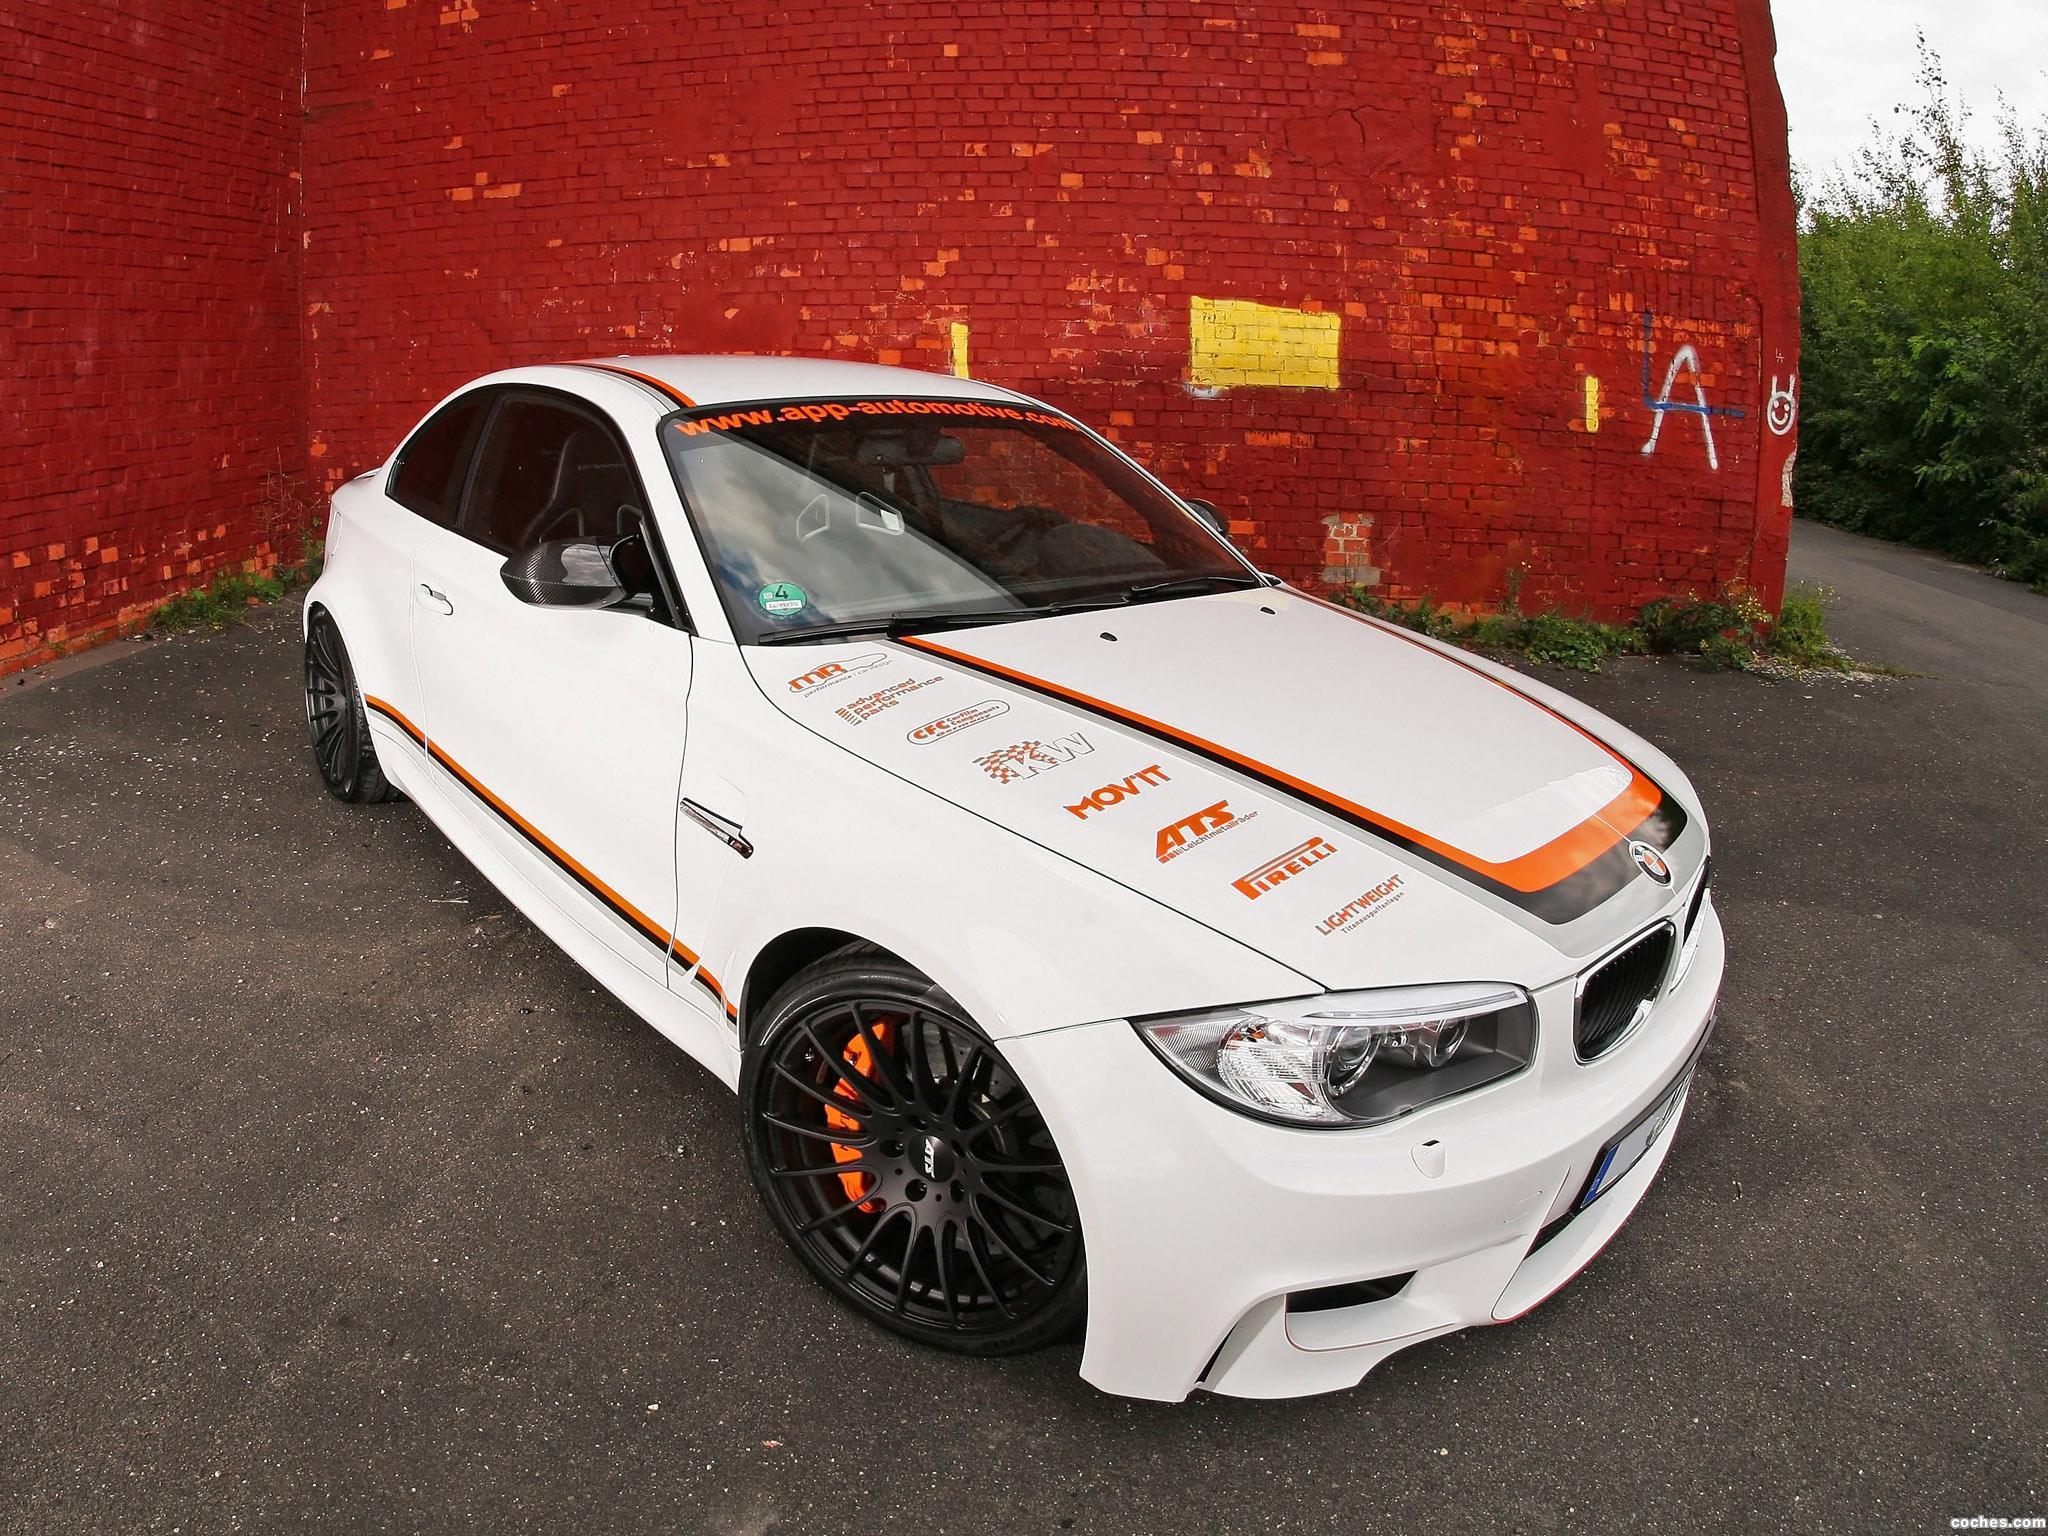 Foto 7 de BMW App Automotive Serie 1 M Coupe E82 2011